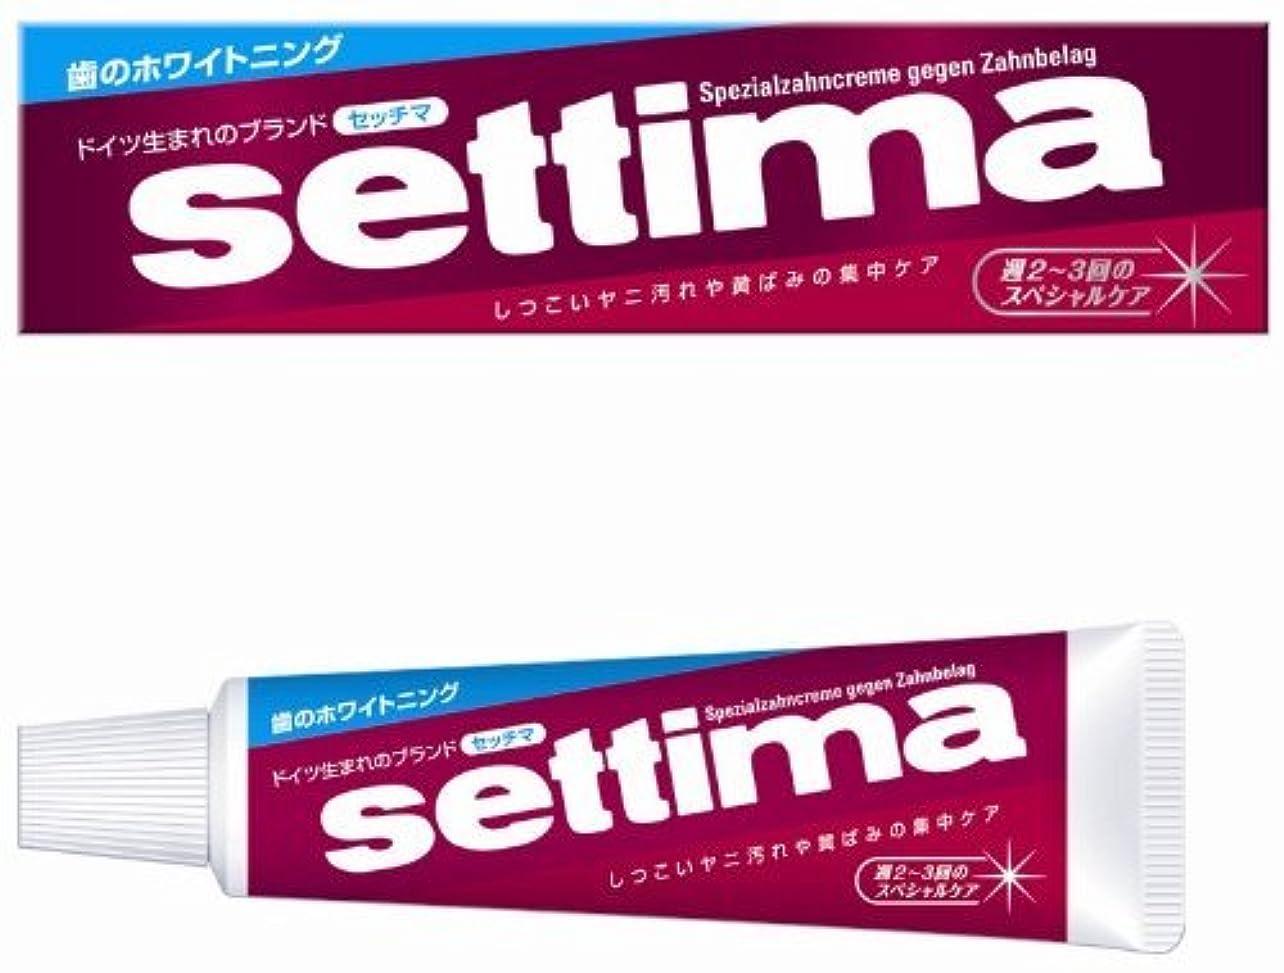 神聖きちんとした矢印settima(セッチマ) はみがき スペシャル (箱タイプ) 40g